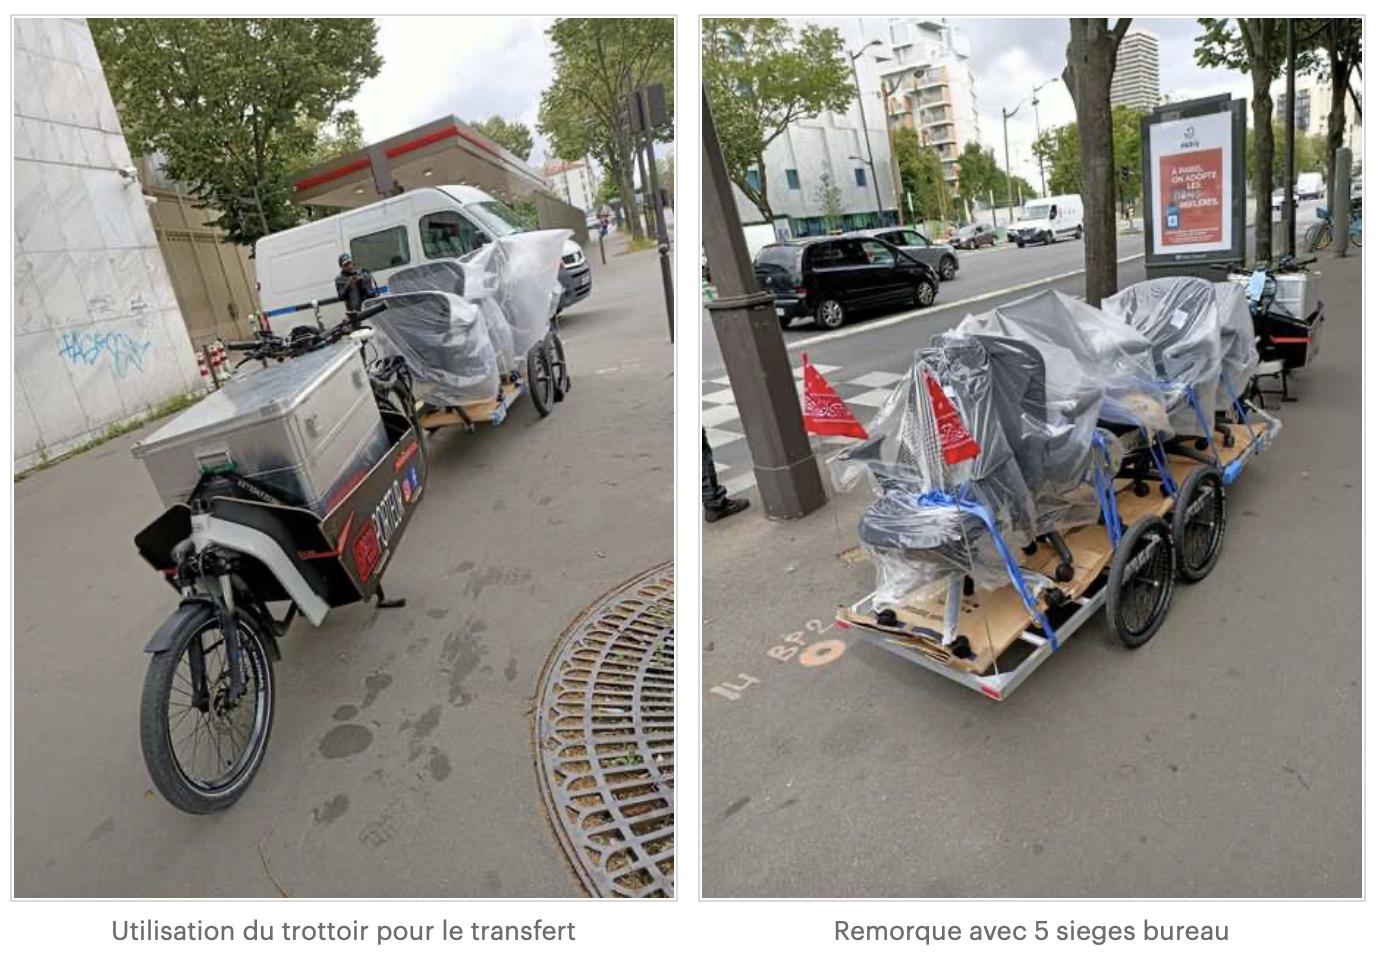 Merchandise chargée au niveau de la remorque vélo